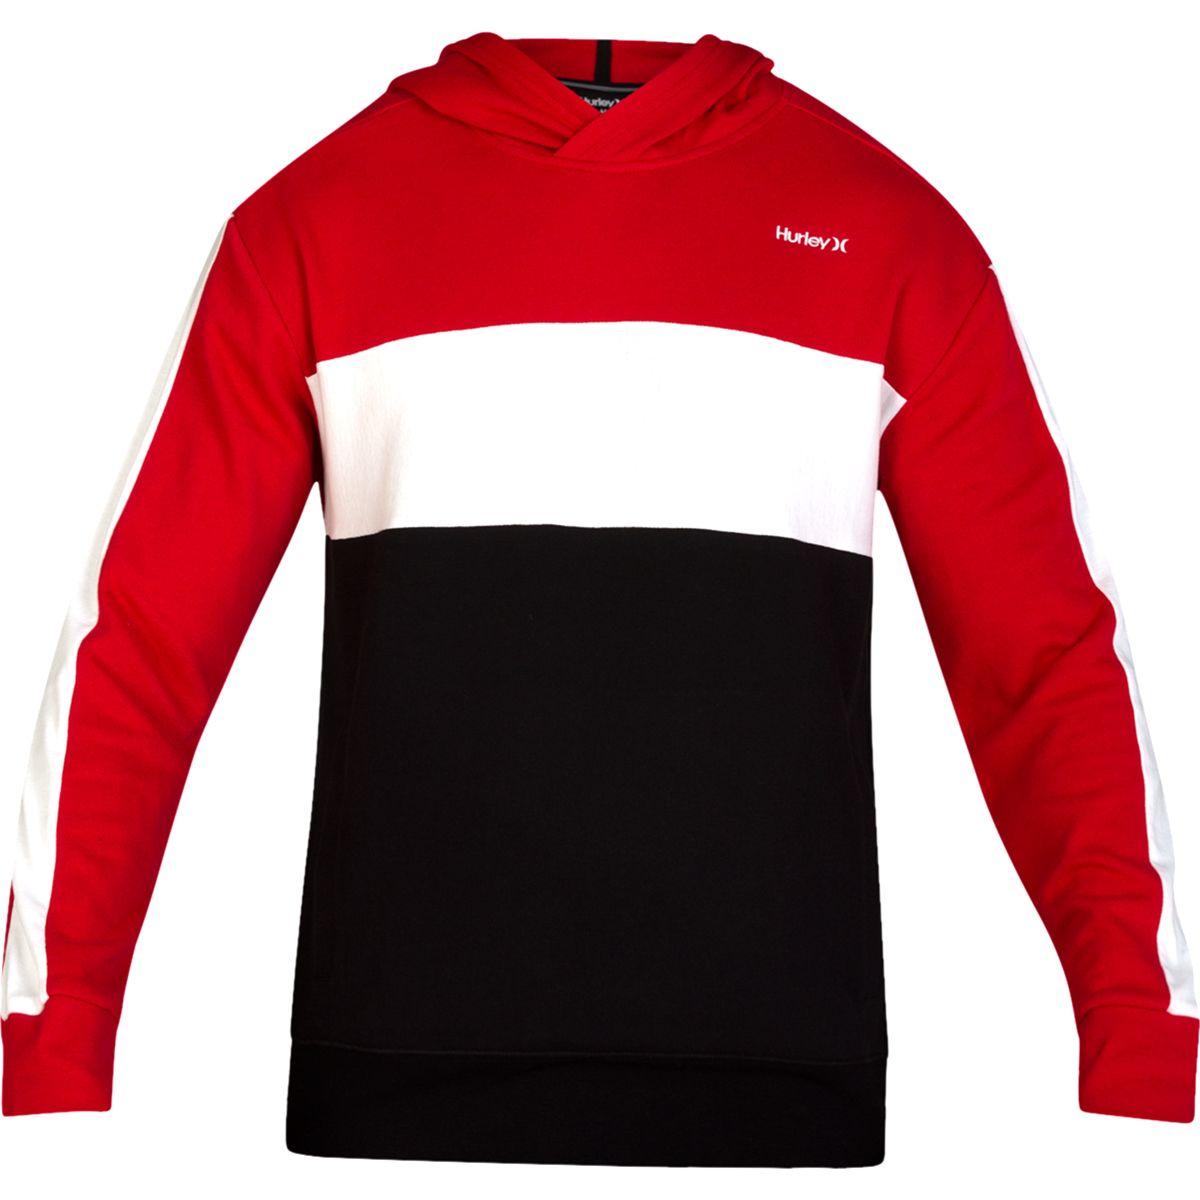 Hurley Men's Blocked Fleece Pullover Hoodie - Red, M